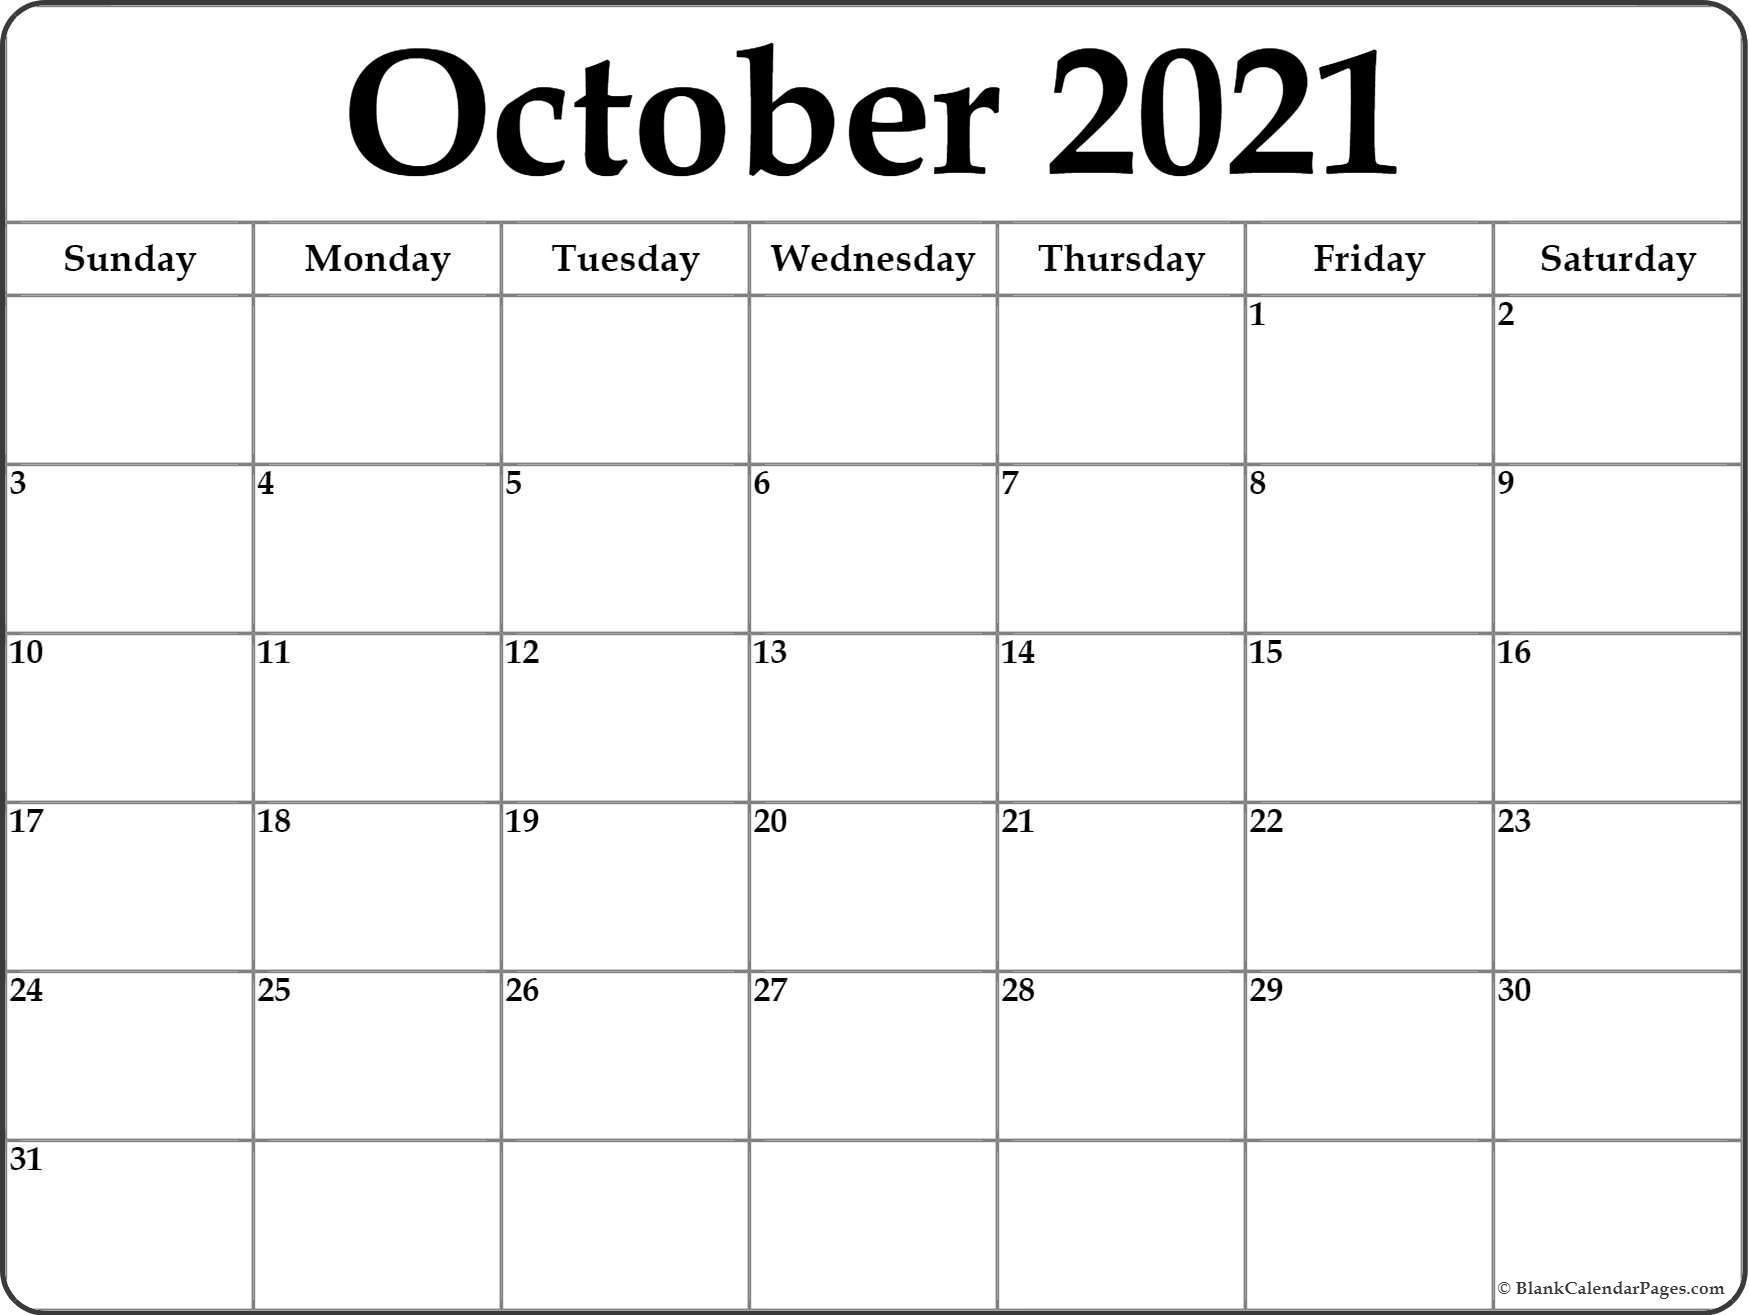 October Monthly Calendar 2021 | 2021 Calendar